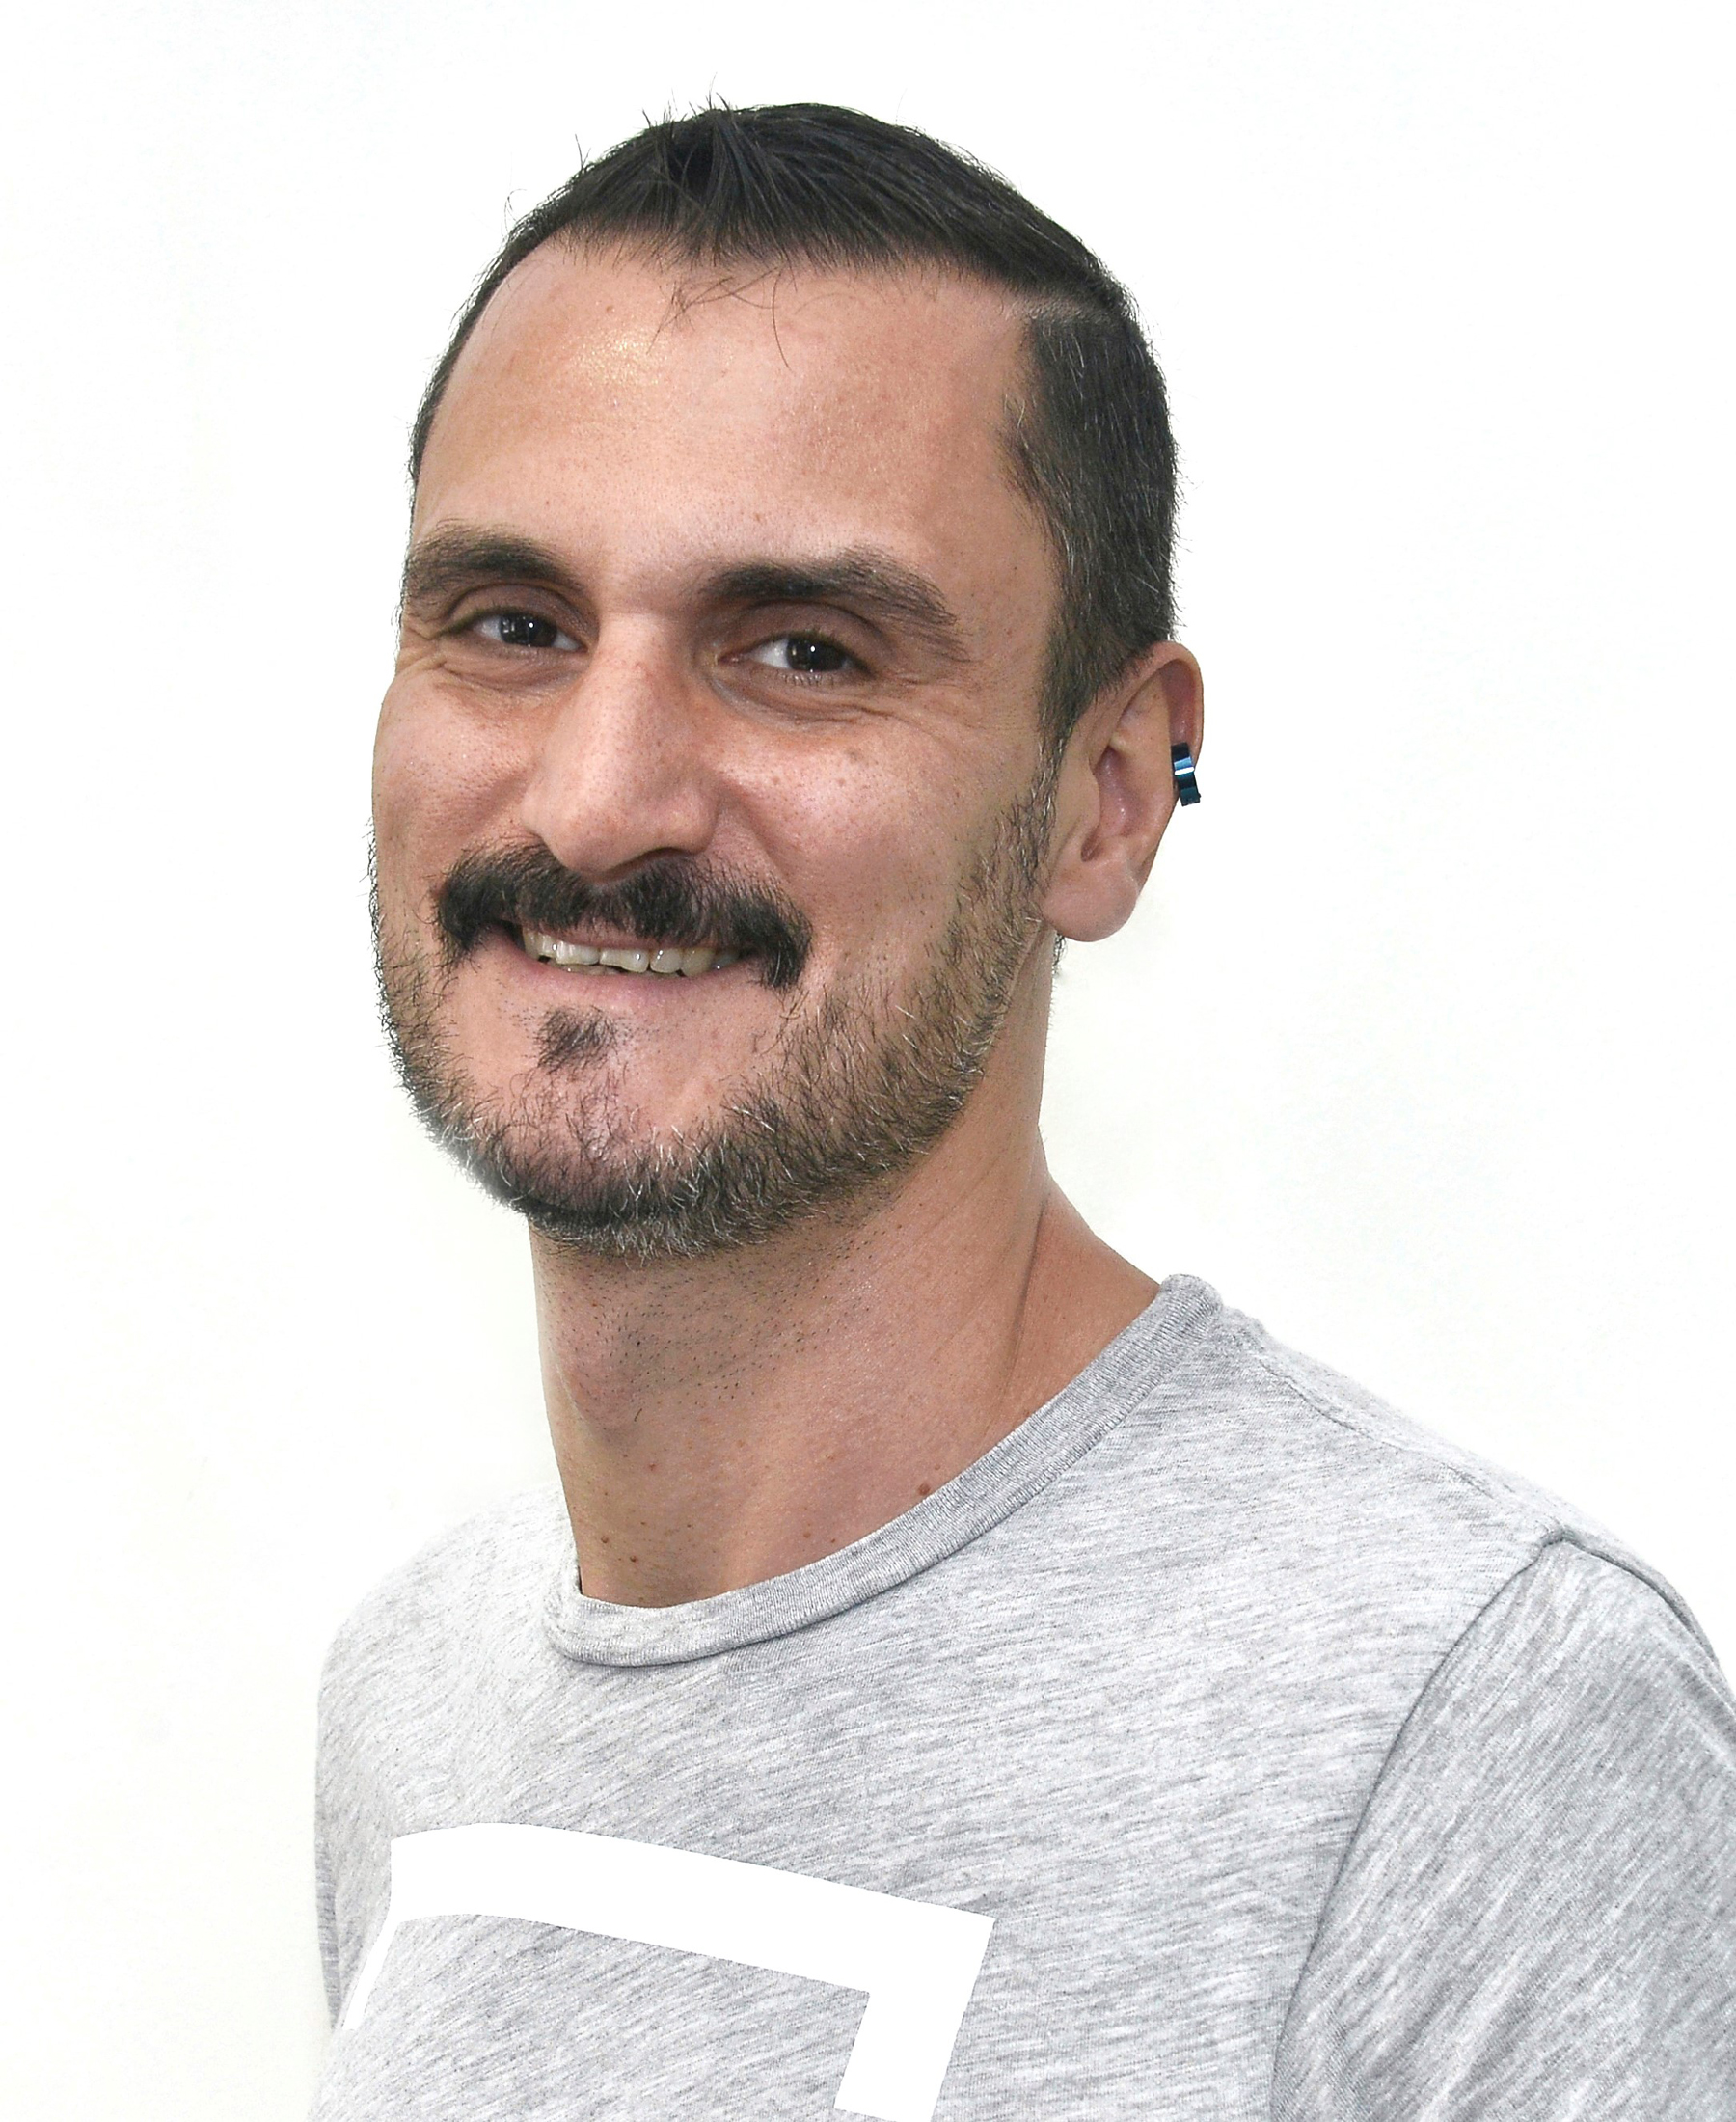 Edgardo Saucedo